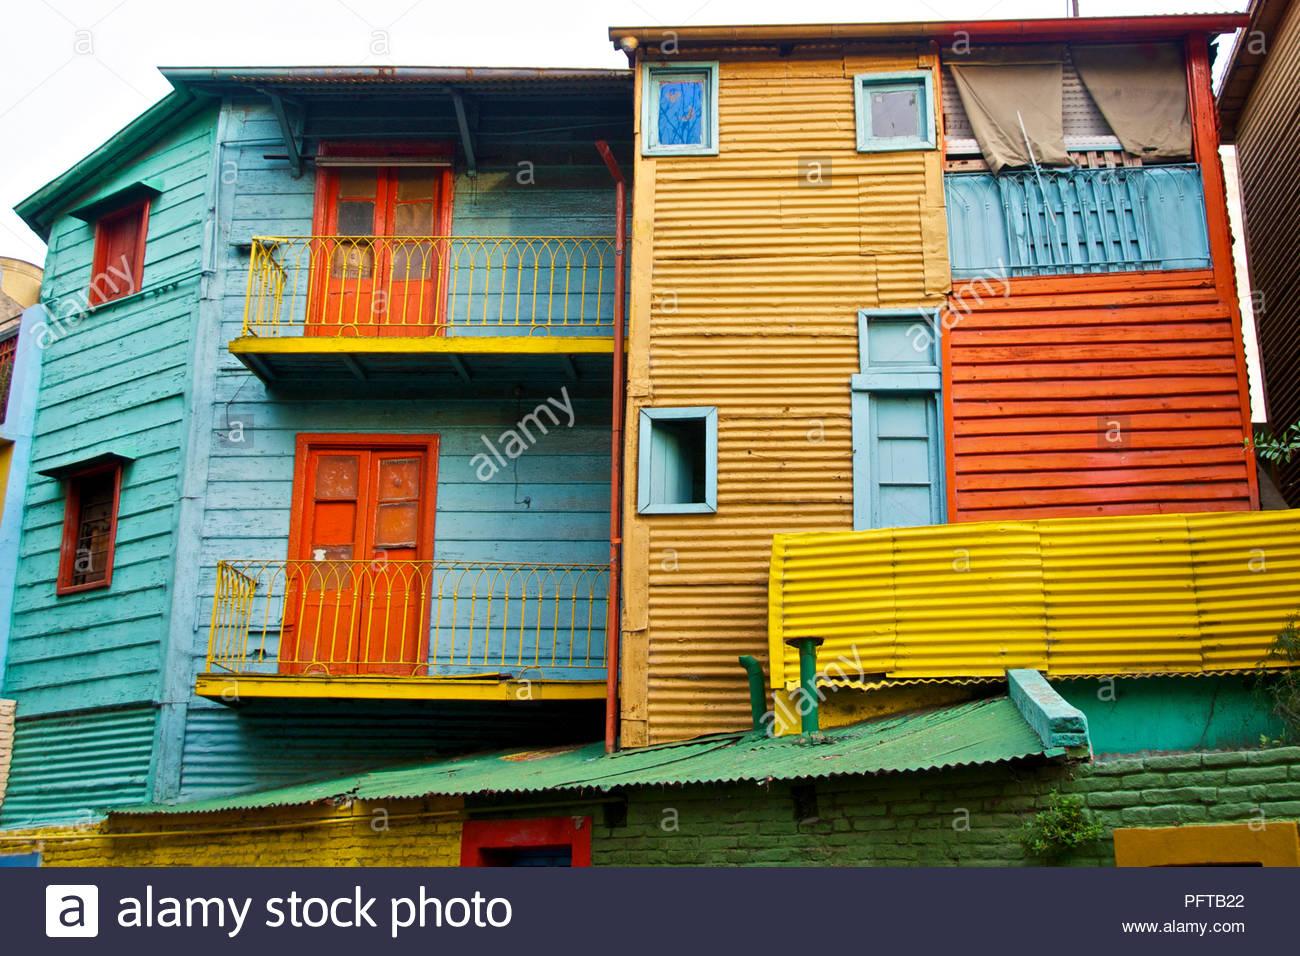 L'Amérique du Sud, de maisons peintes en couleurs El Caminito, la rue à La Boca, Buenos Aires, Argentine Photo Stock